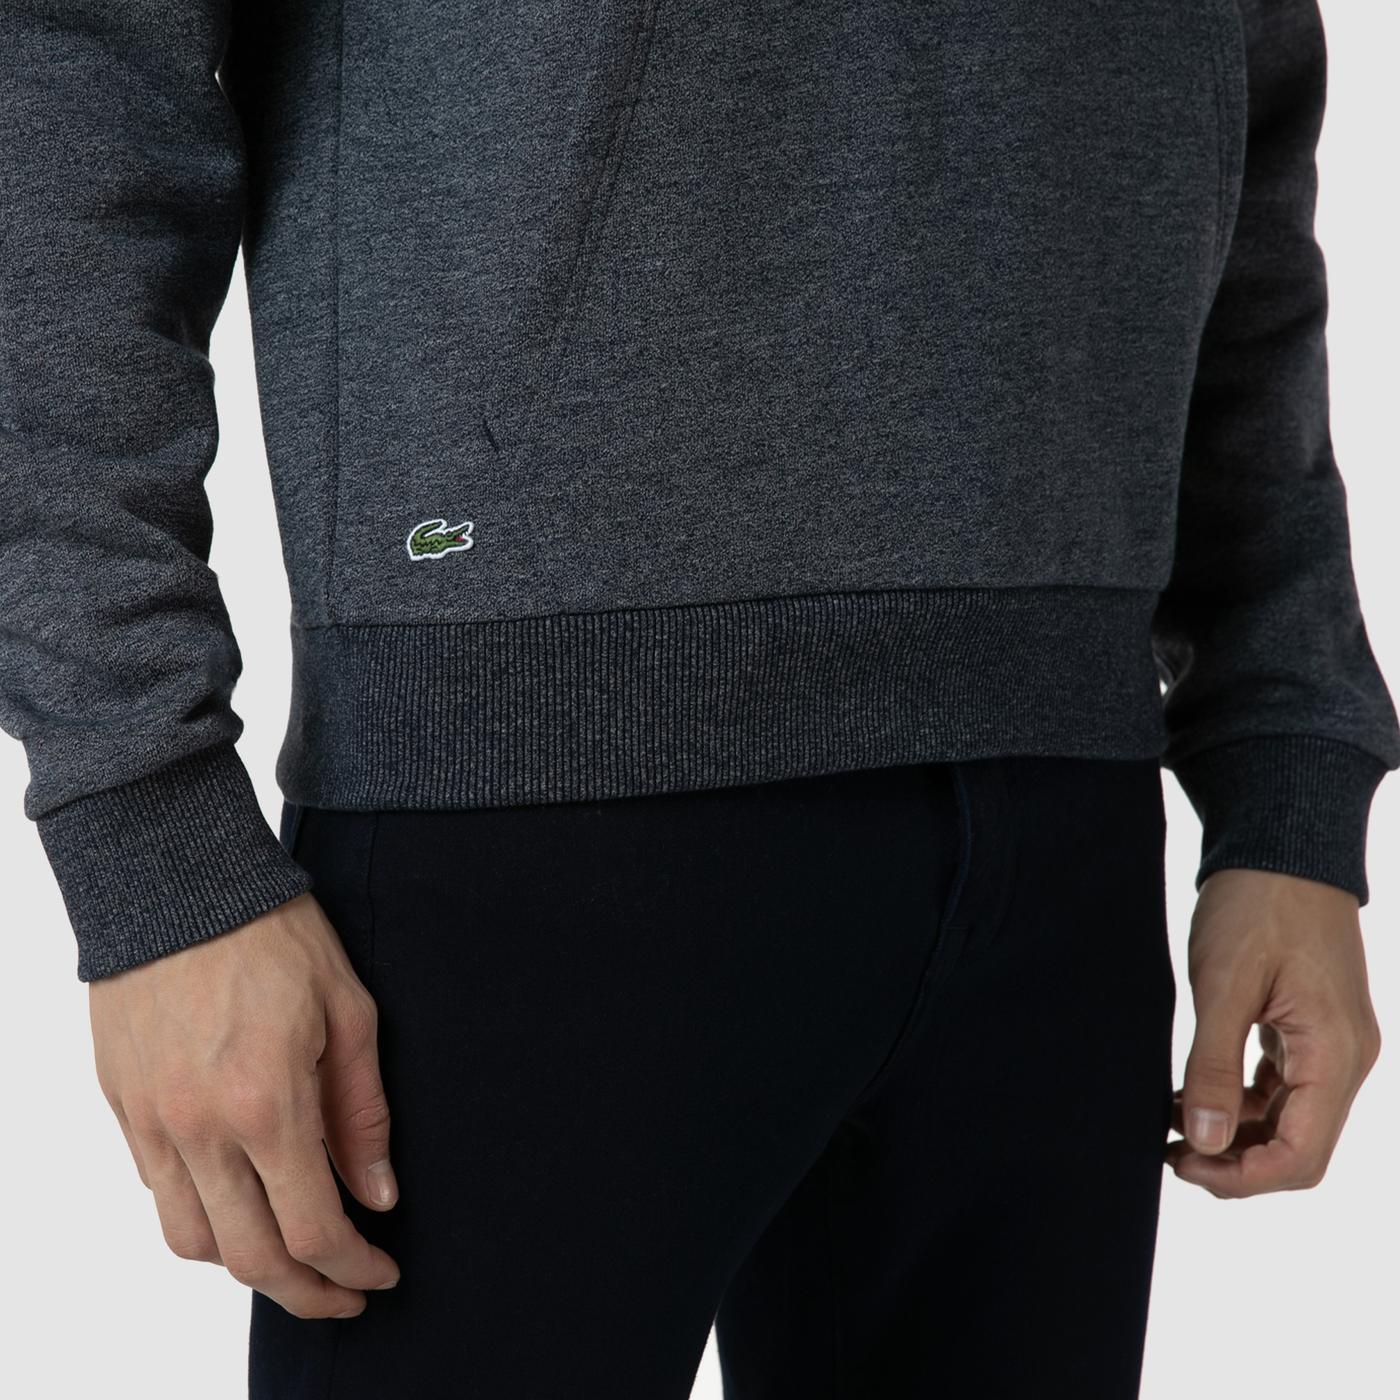 Lacoste Erkek Relaxed Fit Kapüşonlu Nakışlı Lacivert Sweatshirt